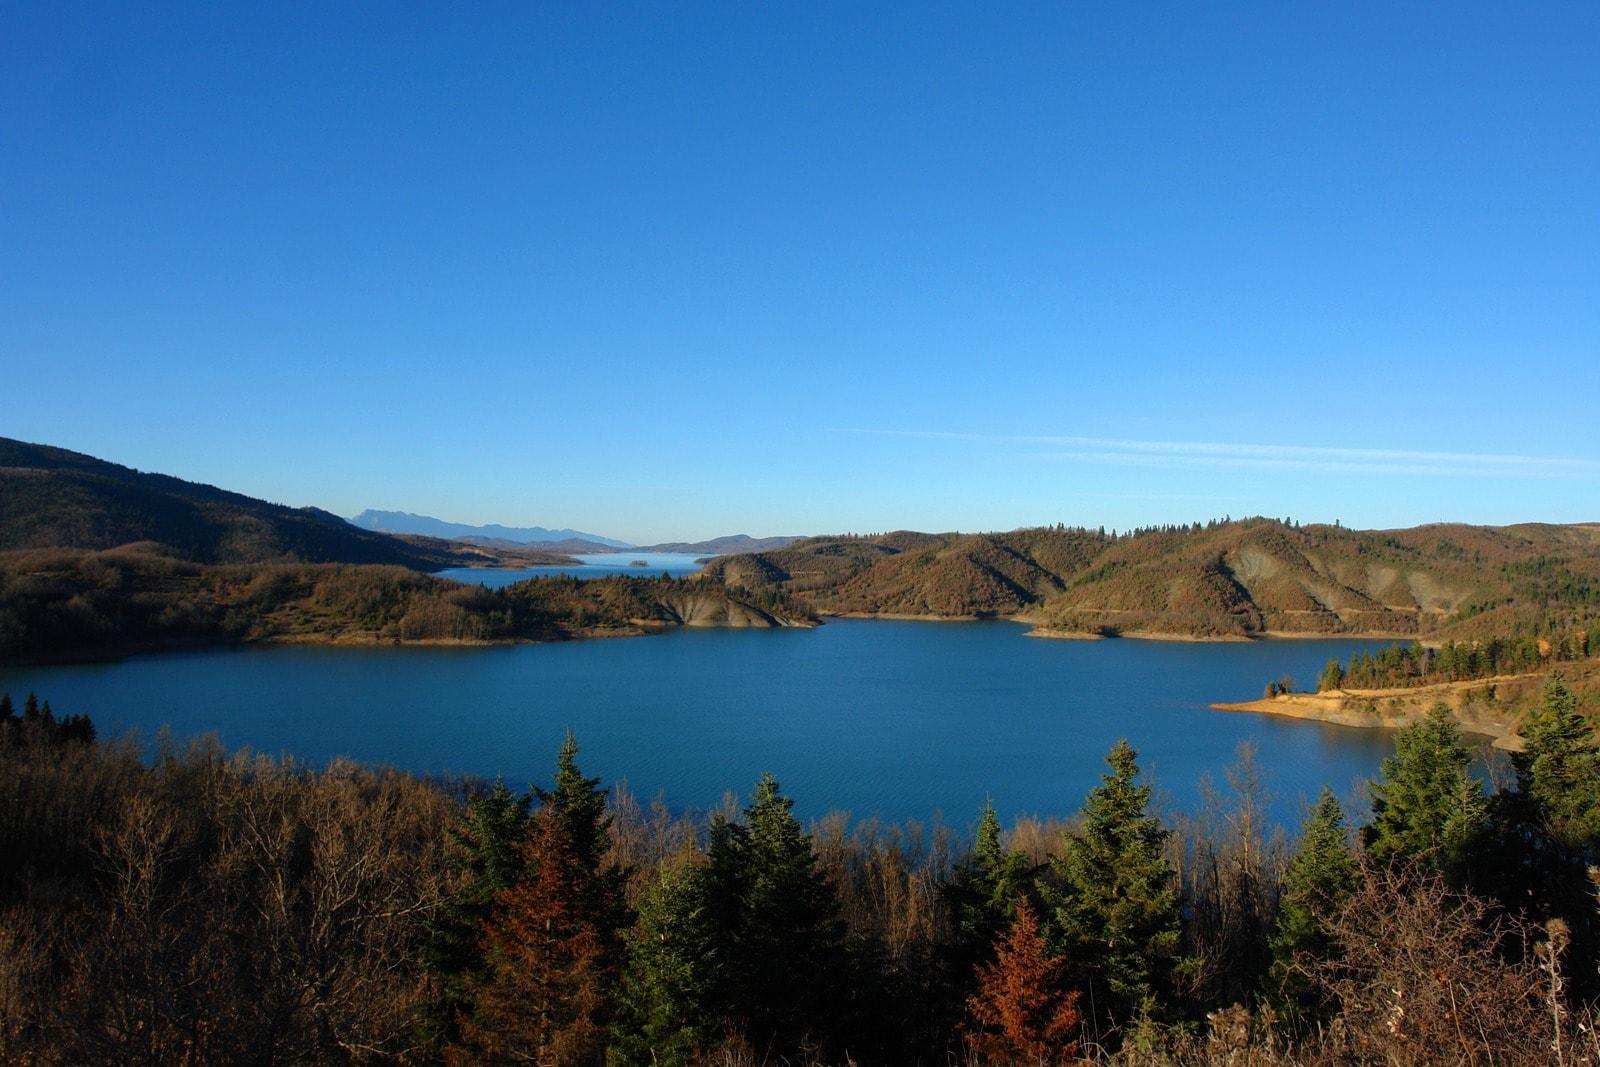 Λίμνη αξίζει να γίνει